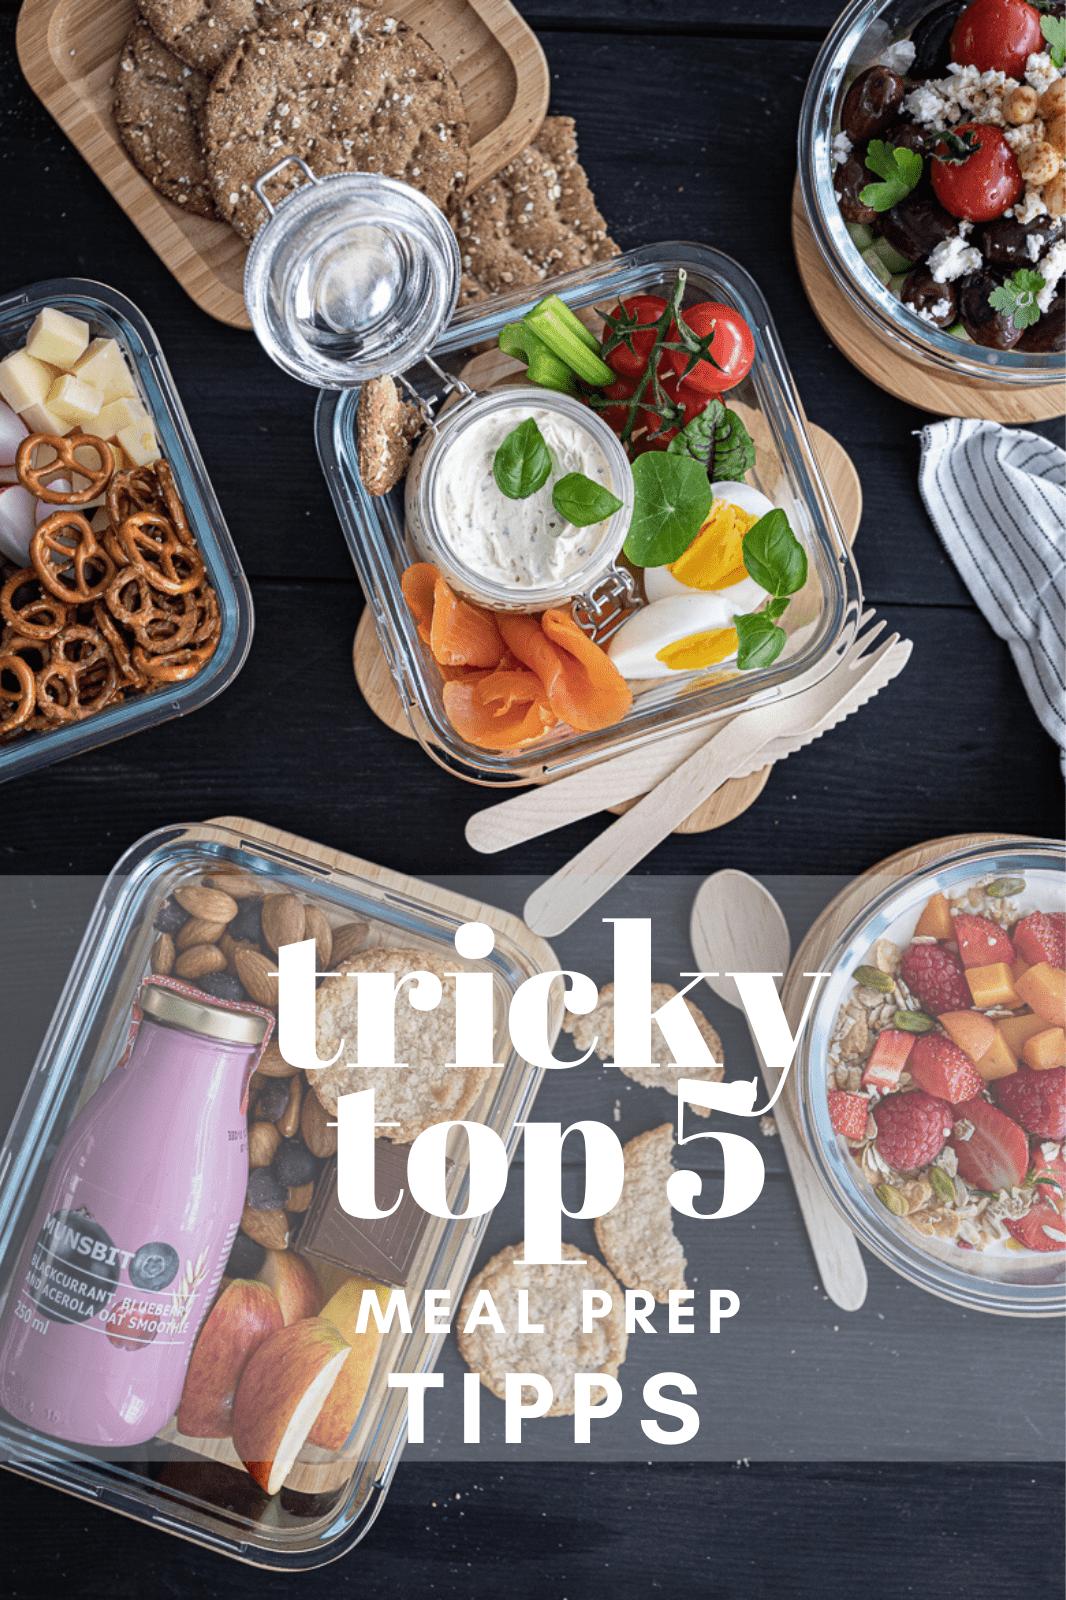 5 tolle Meal Prep Tipps für die ganze Familie & super Meal-Prep-Rezeptideen für deine Planung!